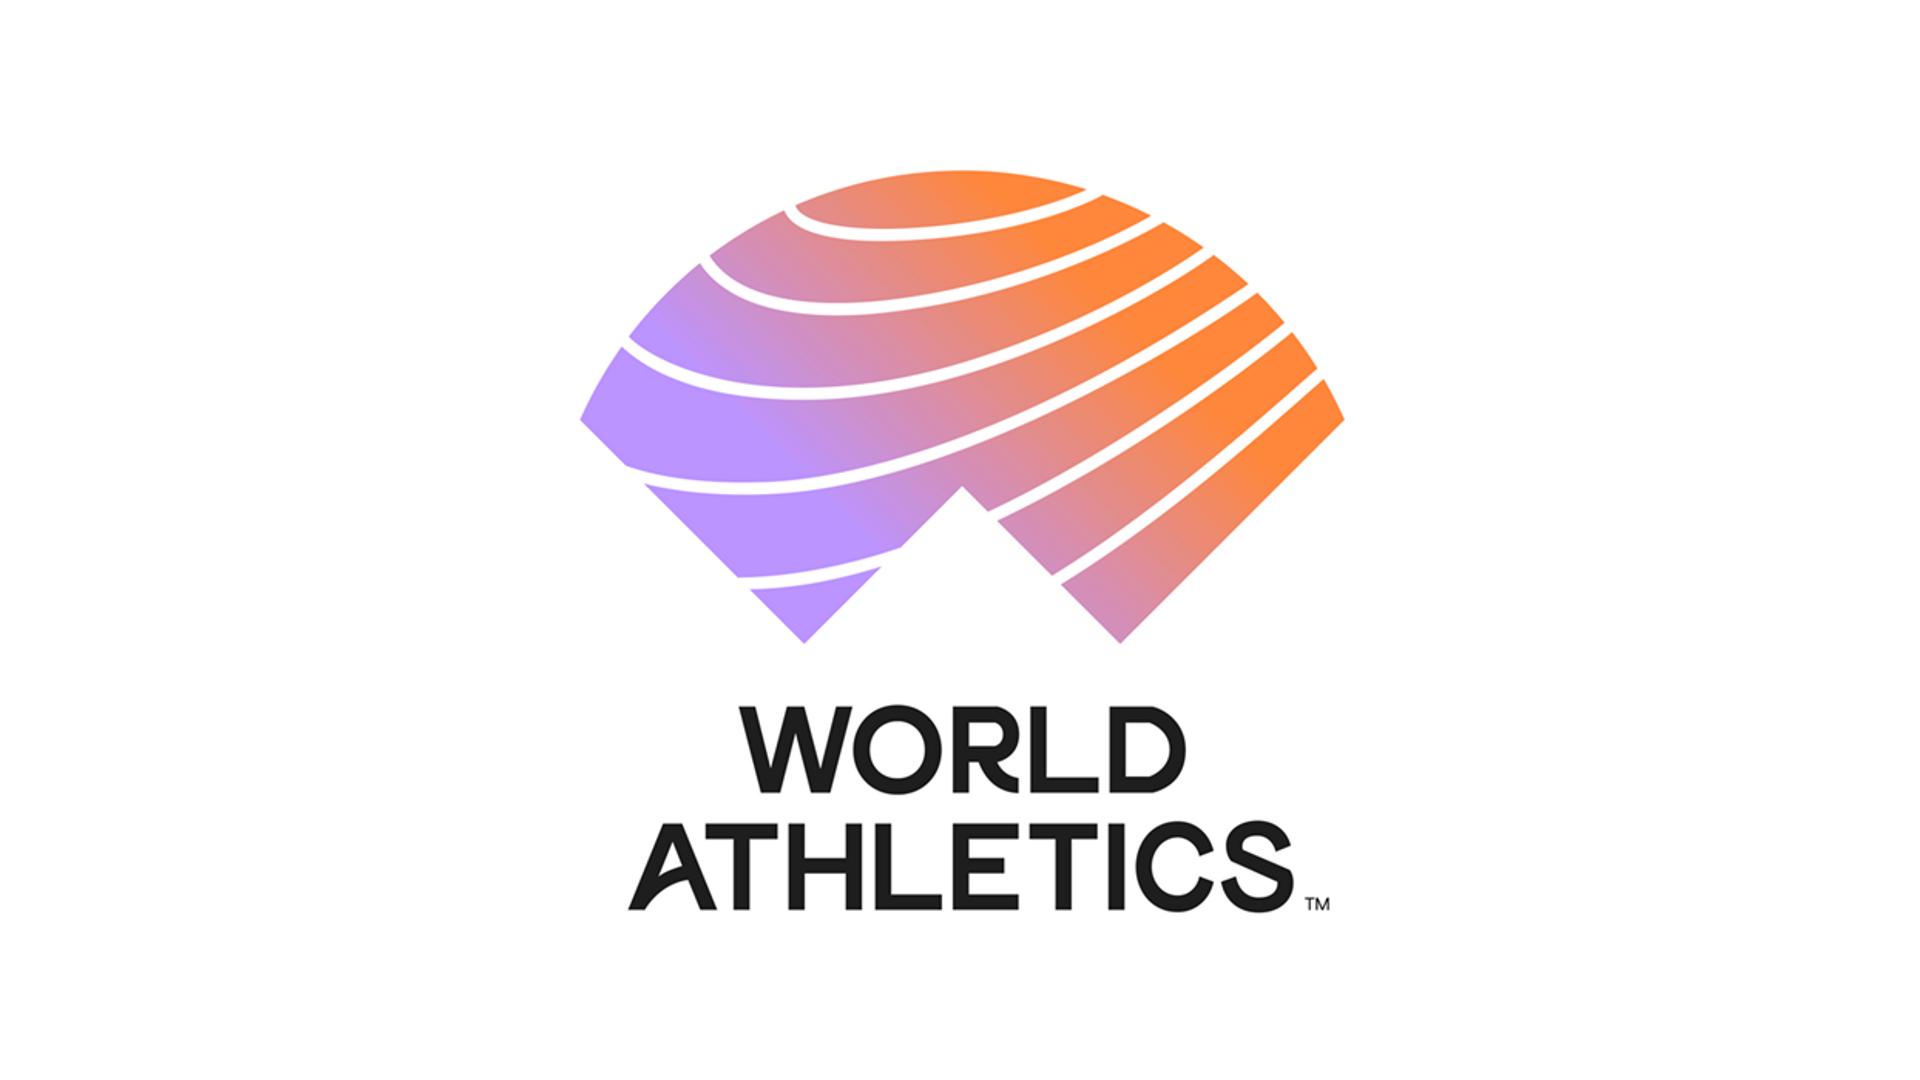 Логотип World Athletics - РИА Новости, 1920, 26.10.2020